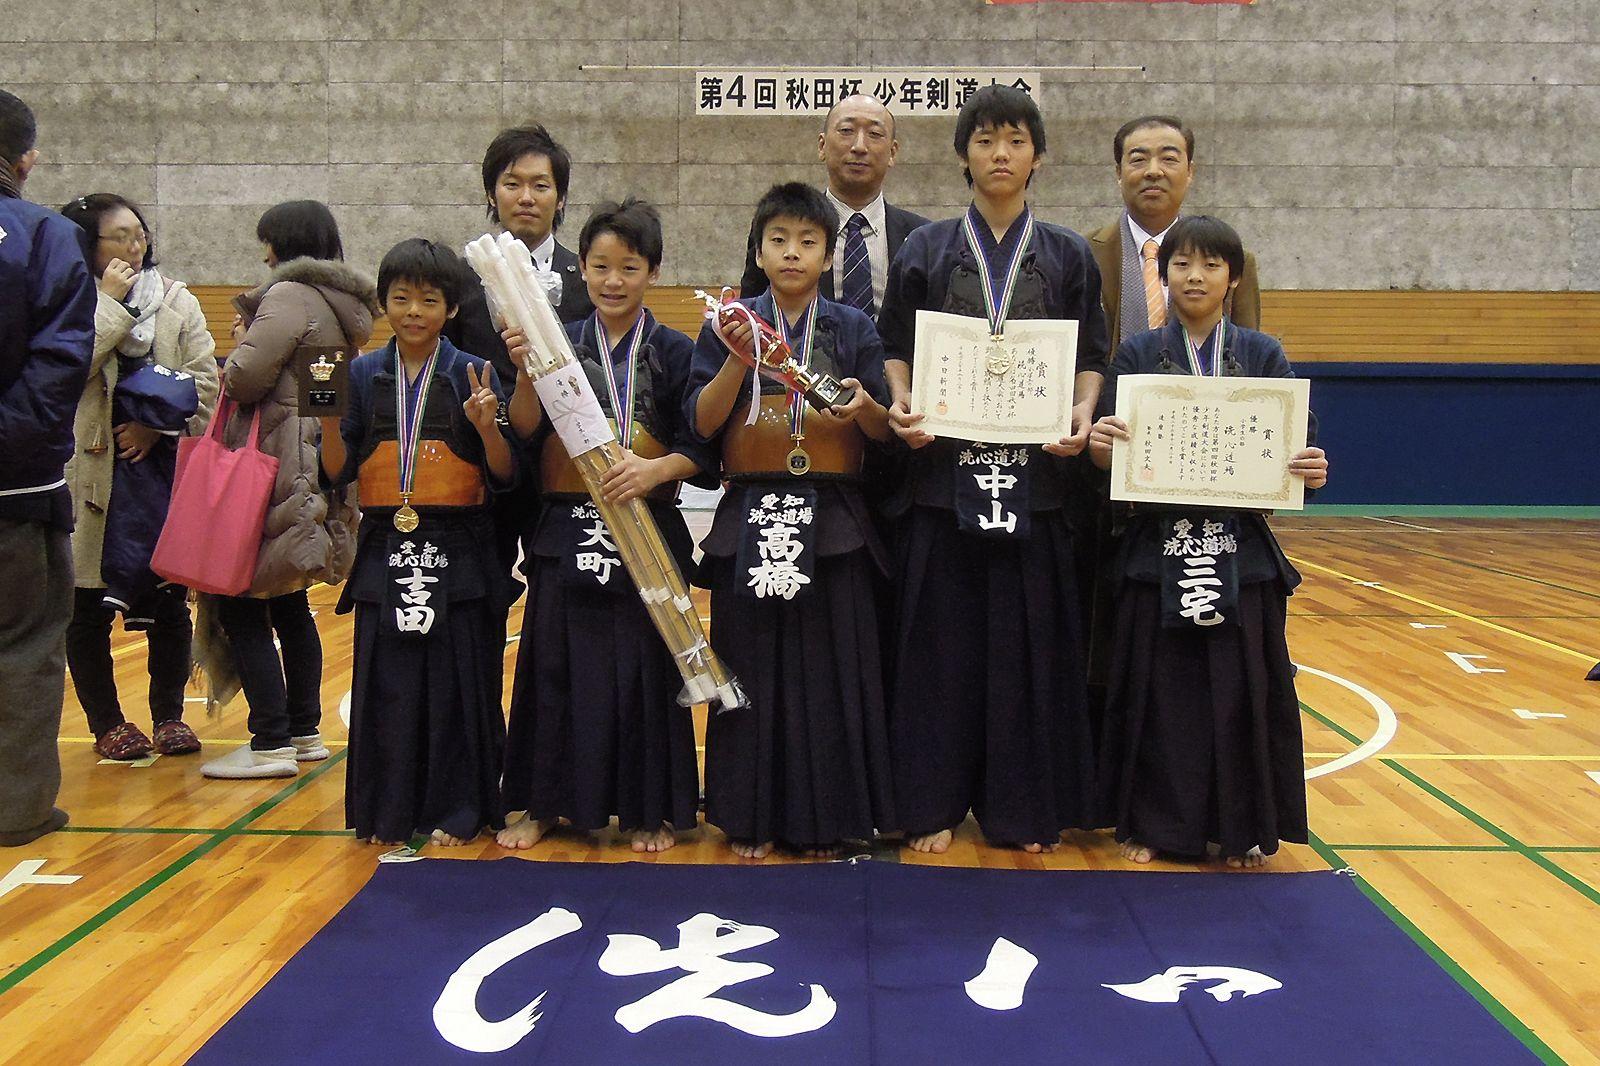 第4回秋田杯少年剣道大会 小学生の部 優勝 洗心道場